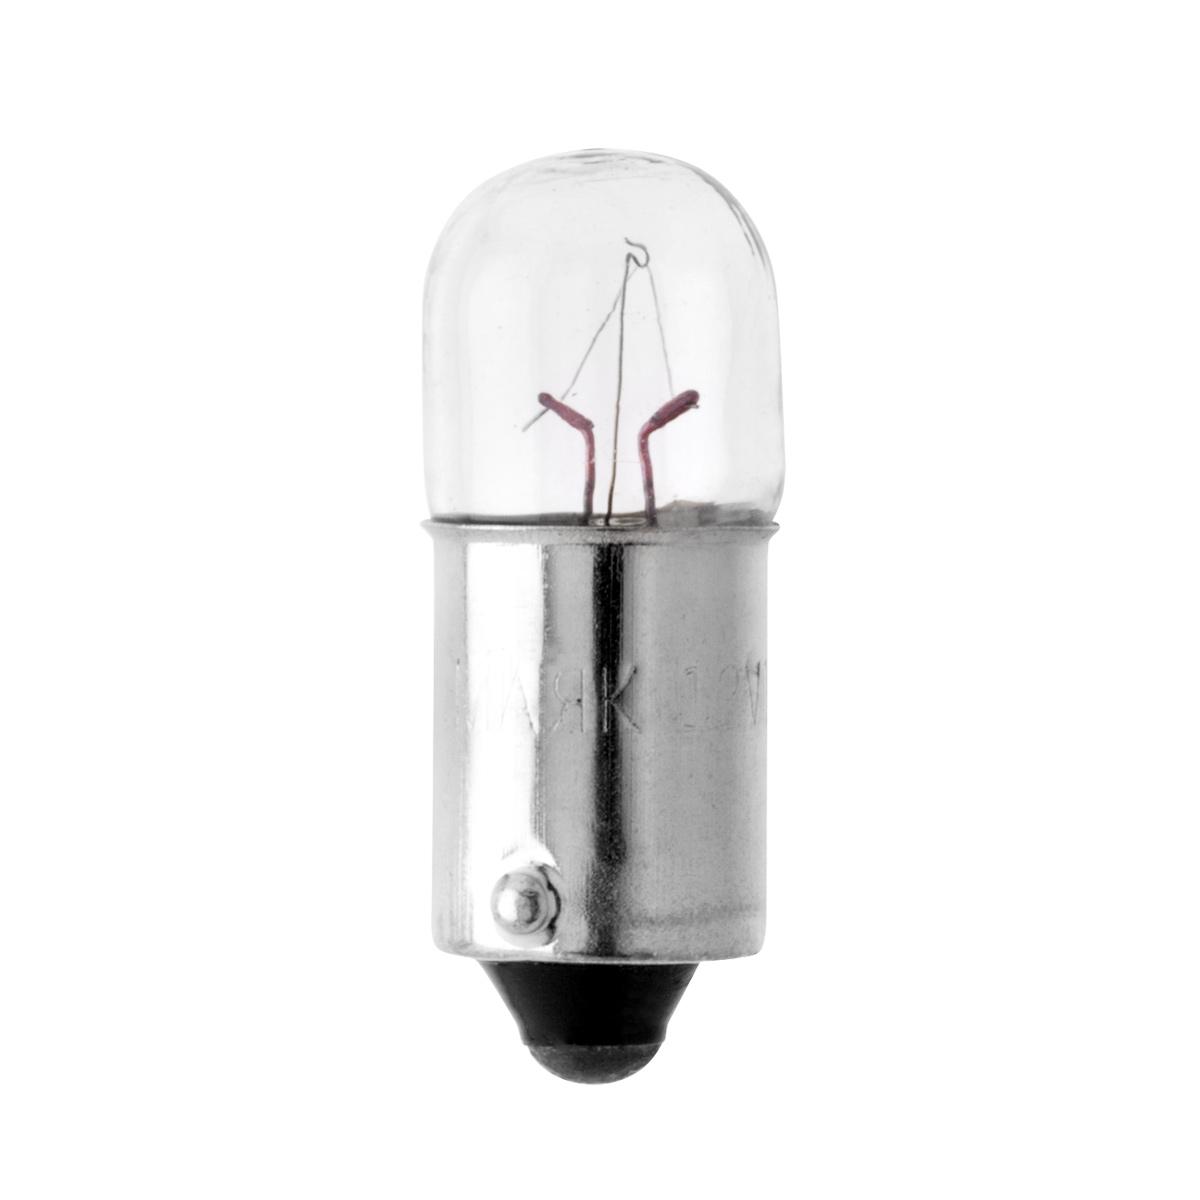 Лампа 12 В 1 Вт металлический цоколь приборная 100 шт Маяк 61201